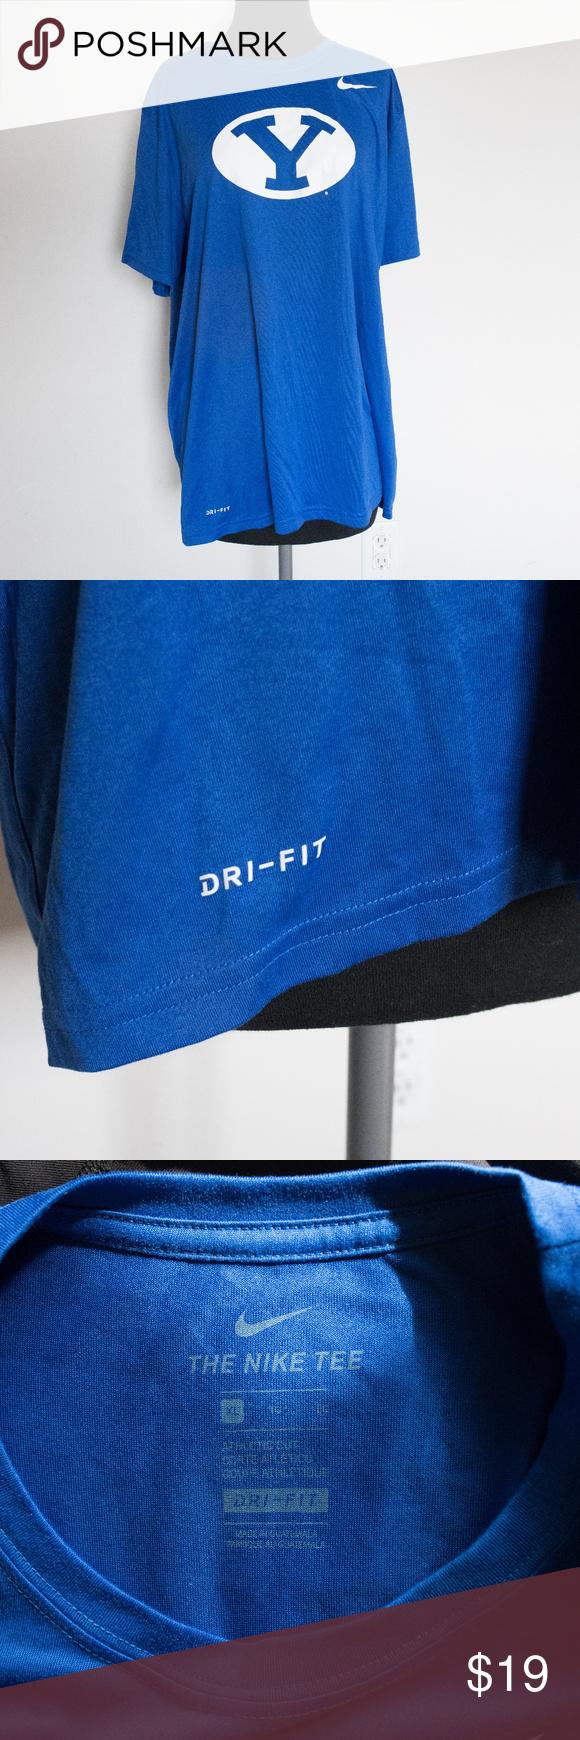 96f4b88b Nike Dri-Fit Oval Y BYU Tee Nike Dri-Fit Oval Y BYU Tee New Condition, no  flaws Nike Shirts Tees - Short Sleeve